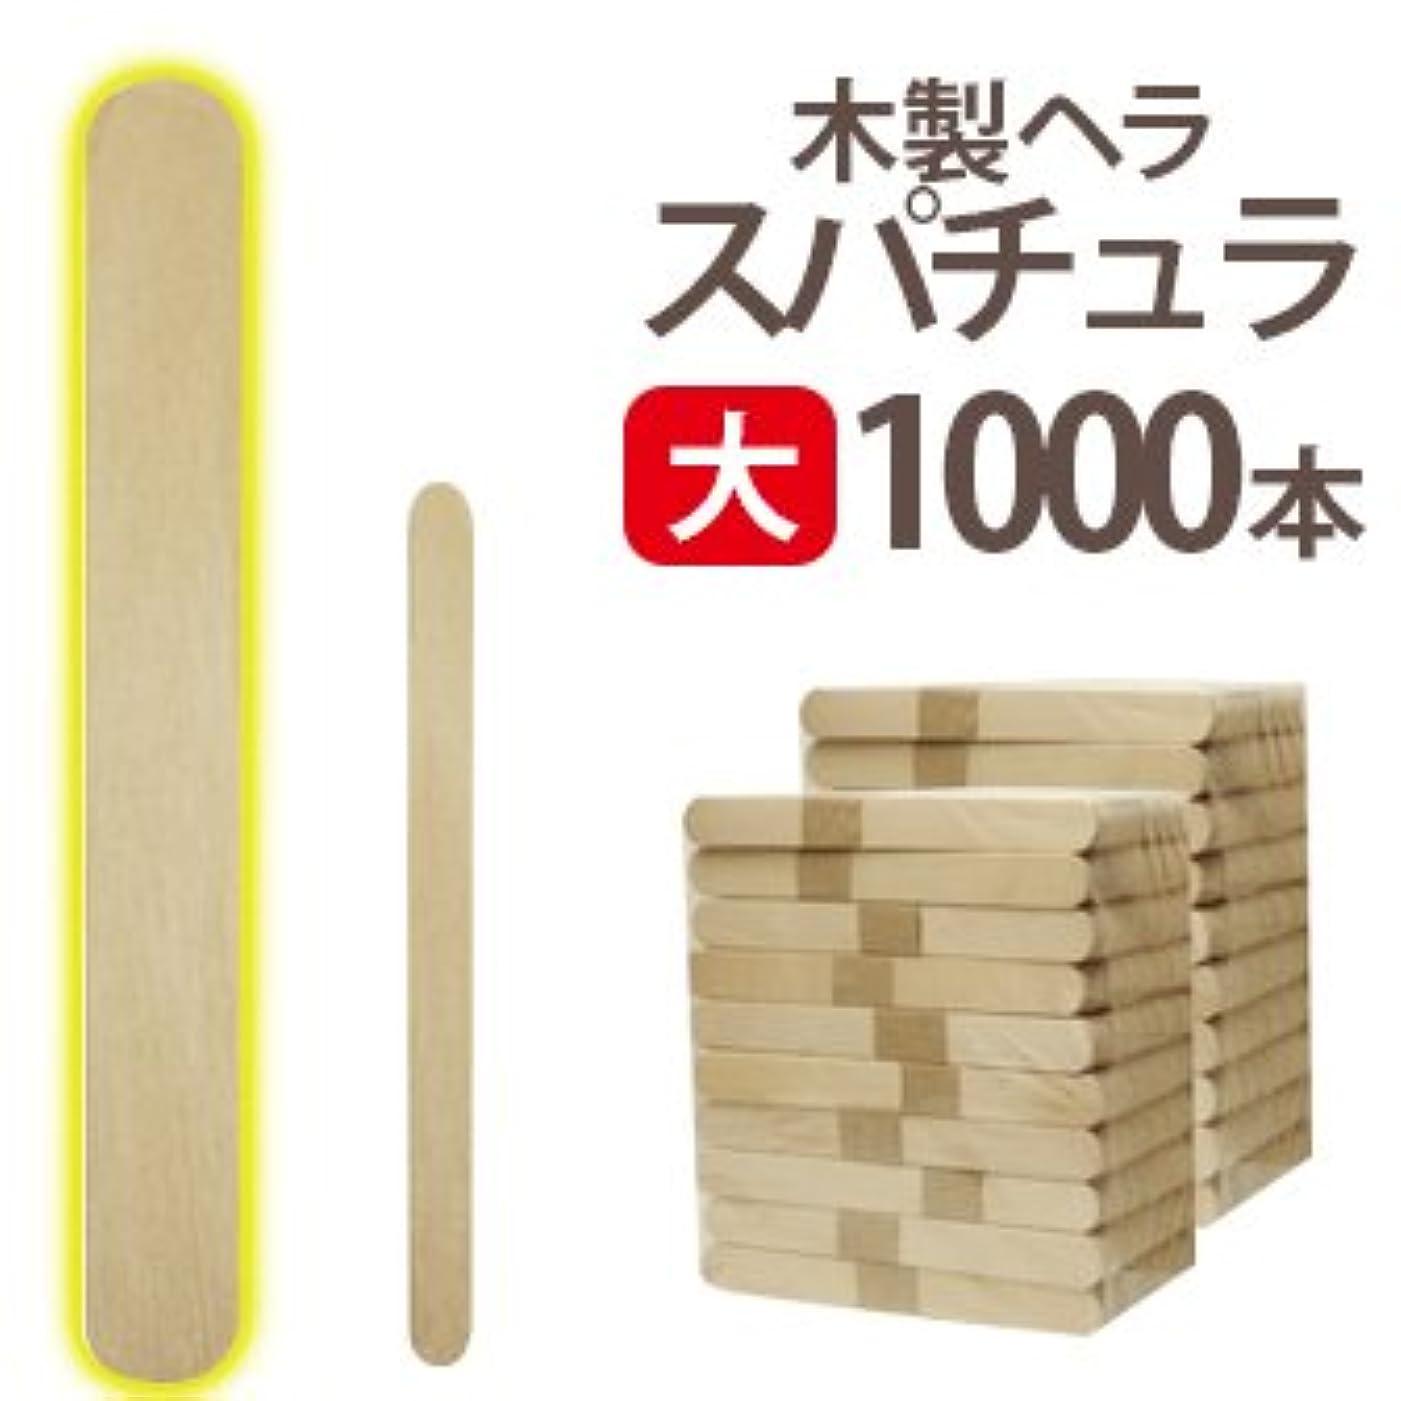 行列品電報大 ブラジリアンワックス 業務用1000本 スパチュラ Aタイプ(個別梱包なし 150×16)